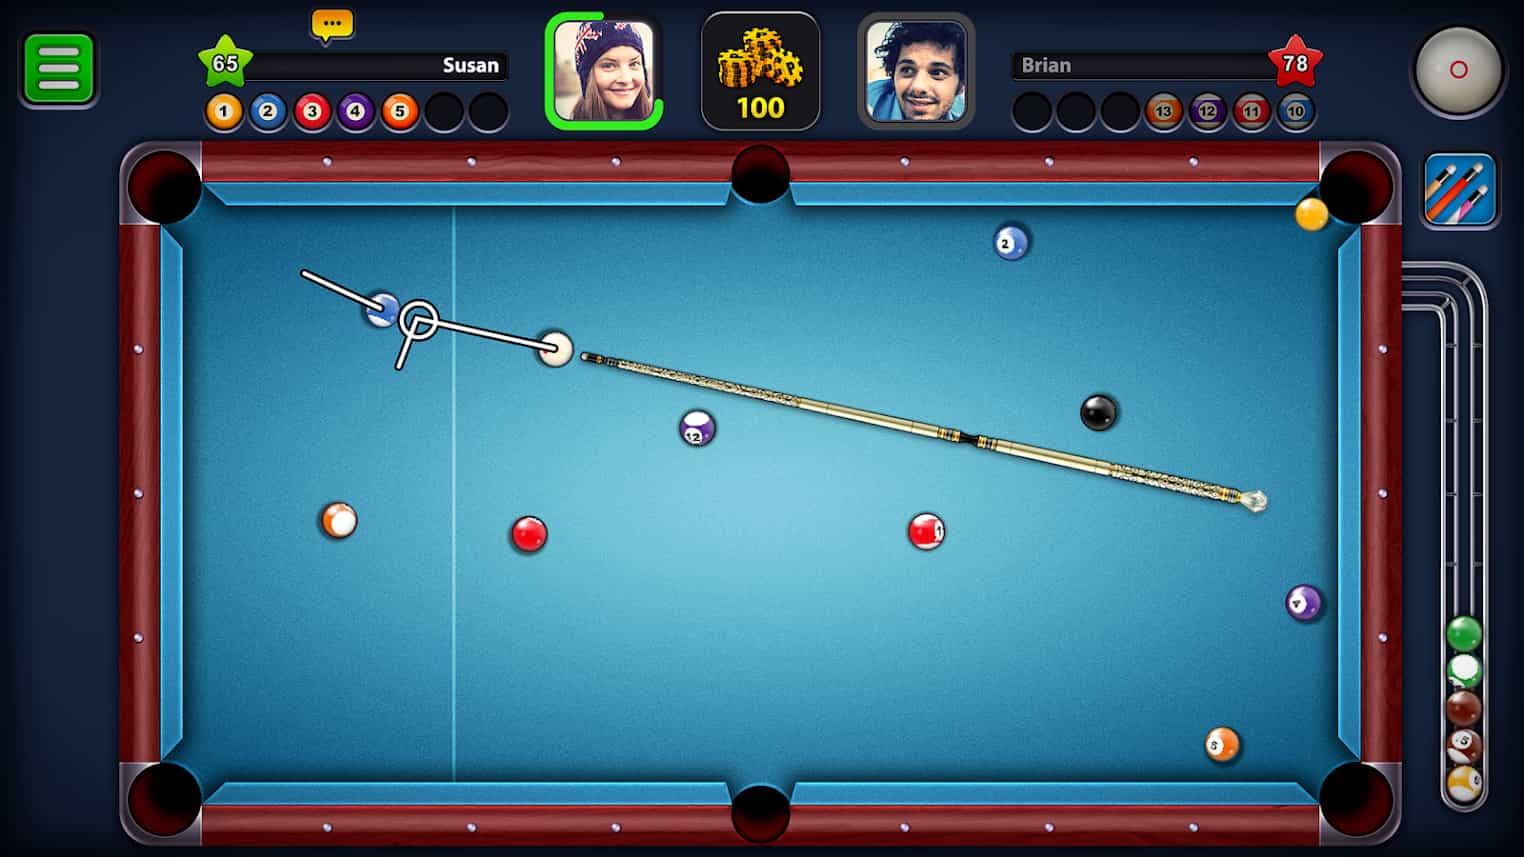 بازی بیلیارد 8 Ball Pool